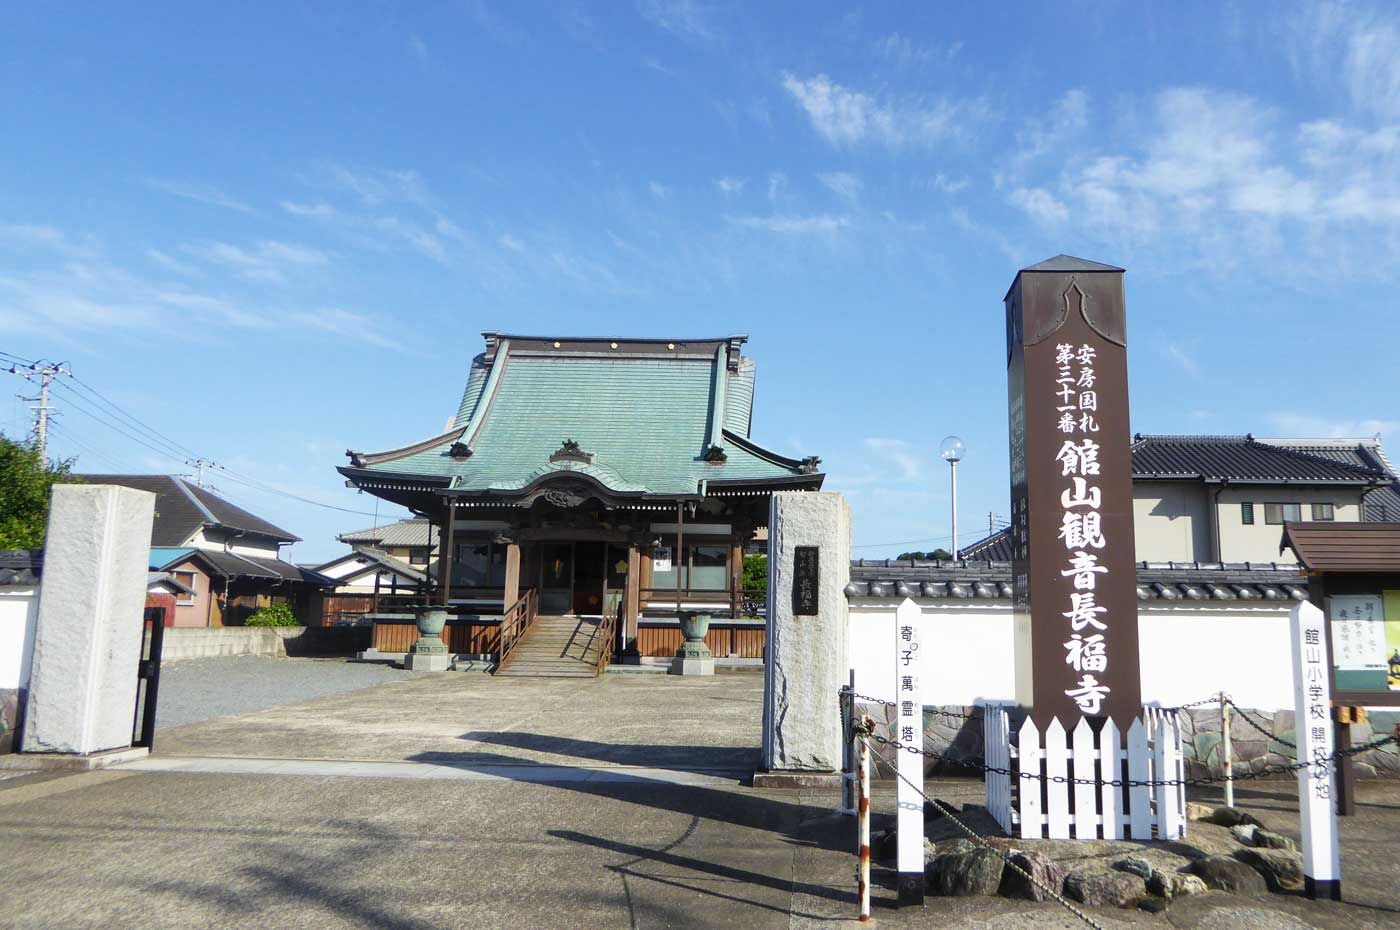 長福寺の観音堂の画像